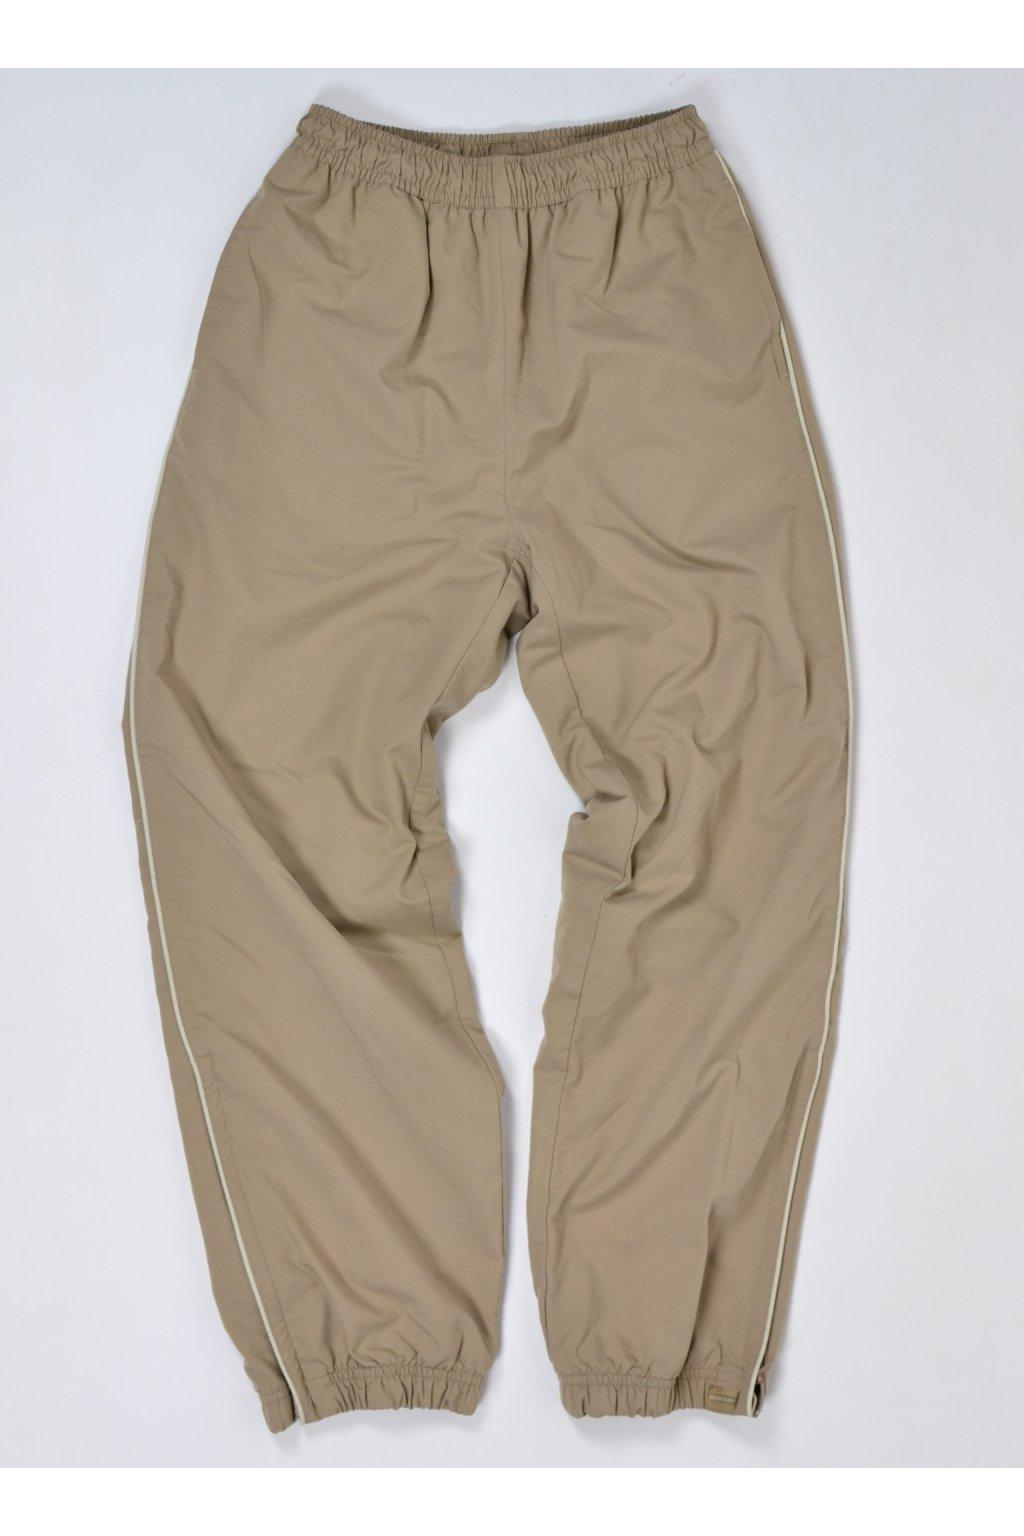 kalhoty béžové s podšívkou decathlon 152